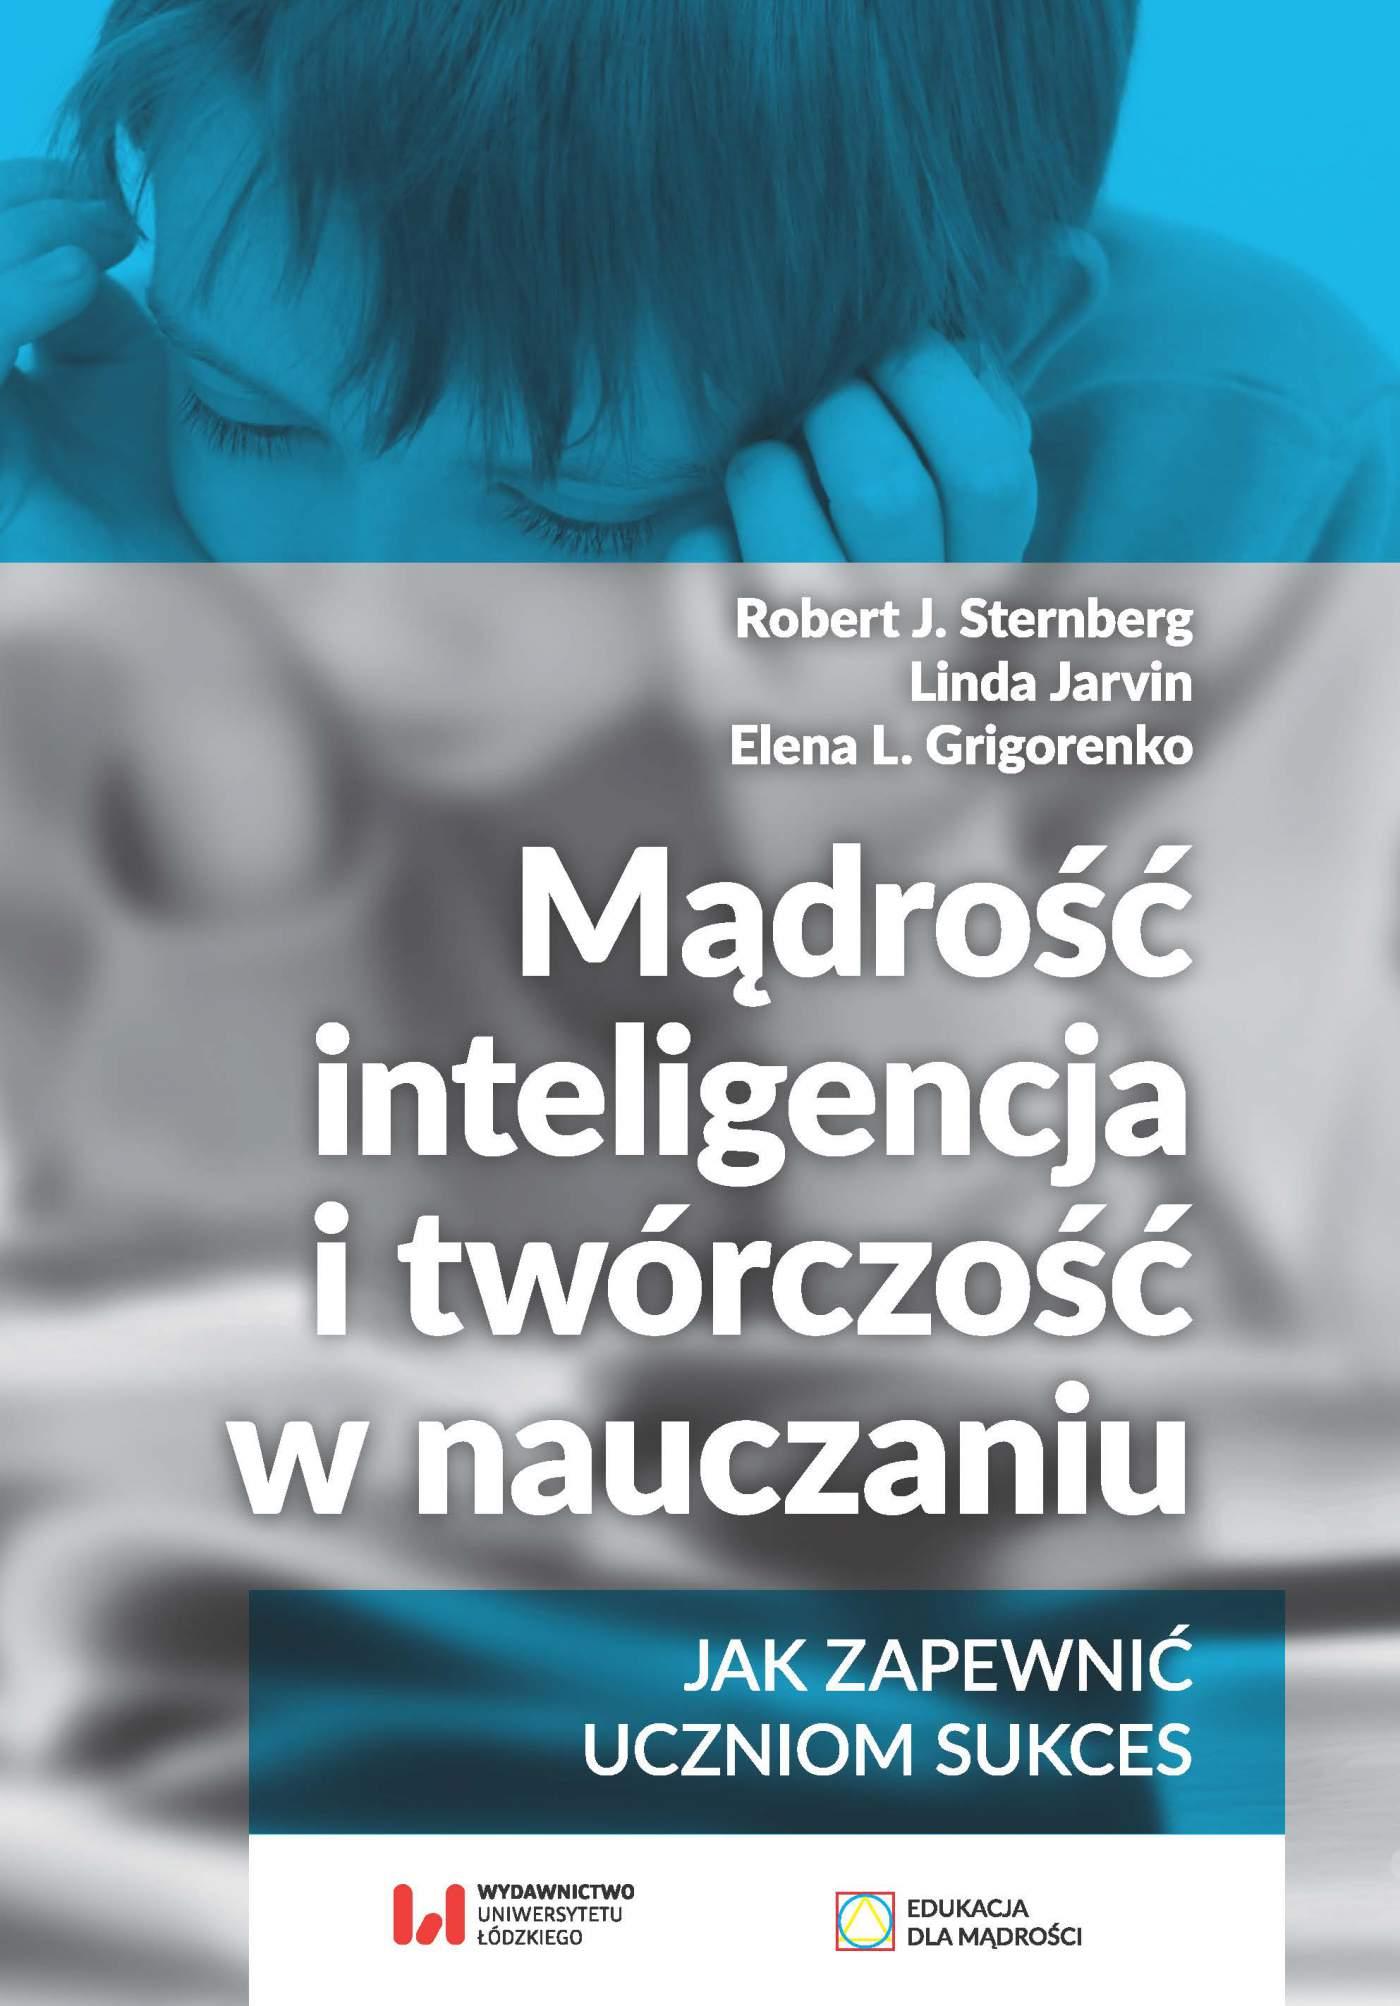 Mądrość, inteligencja i twórczość w nauczaniu. Jak zapewnić uczniom sukces - Ebook (Książka EPUB) do pobrania w formacie EPUB